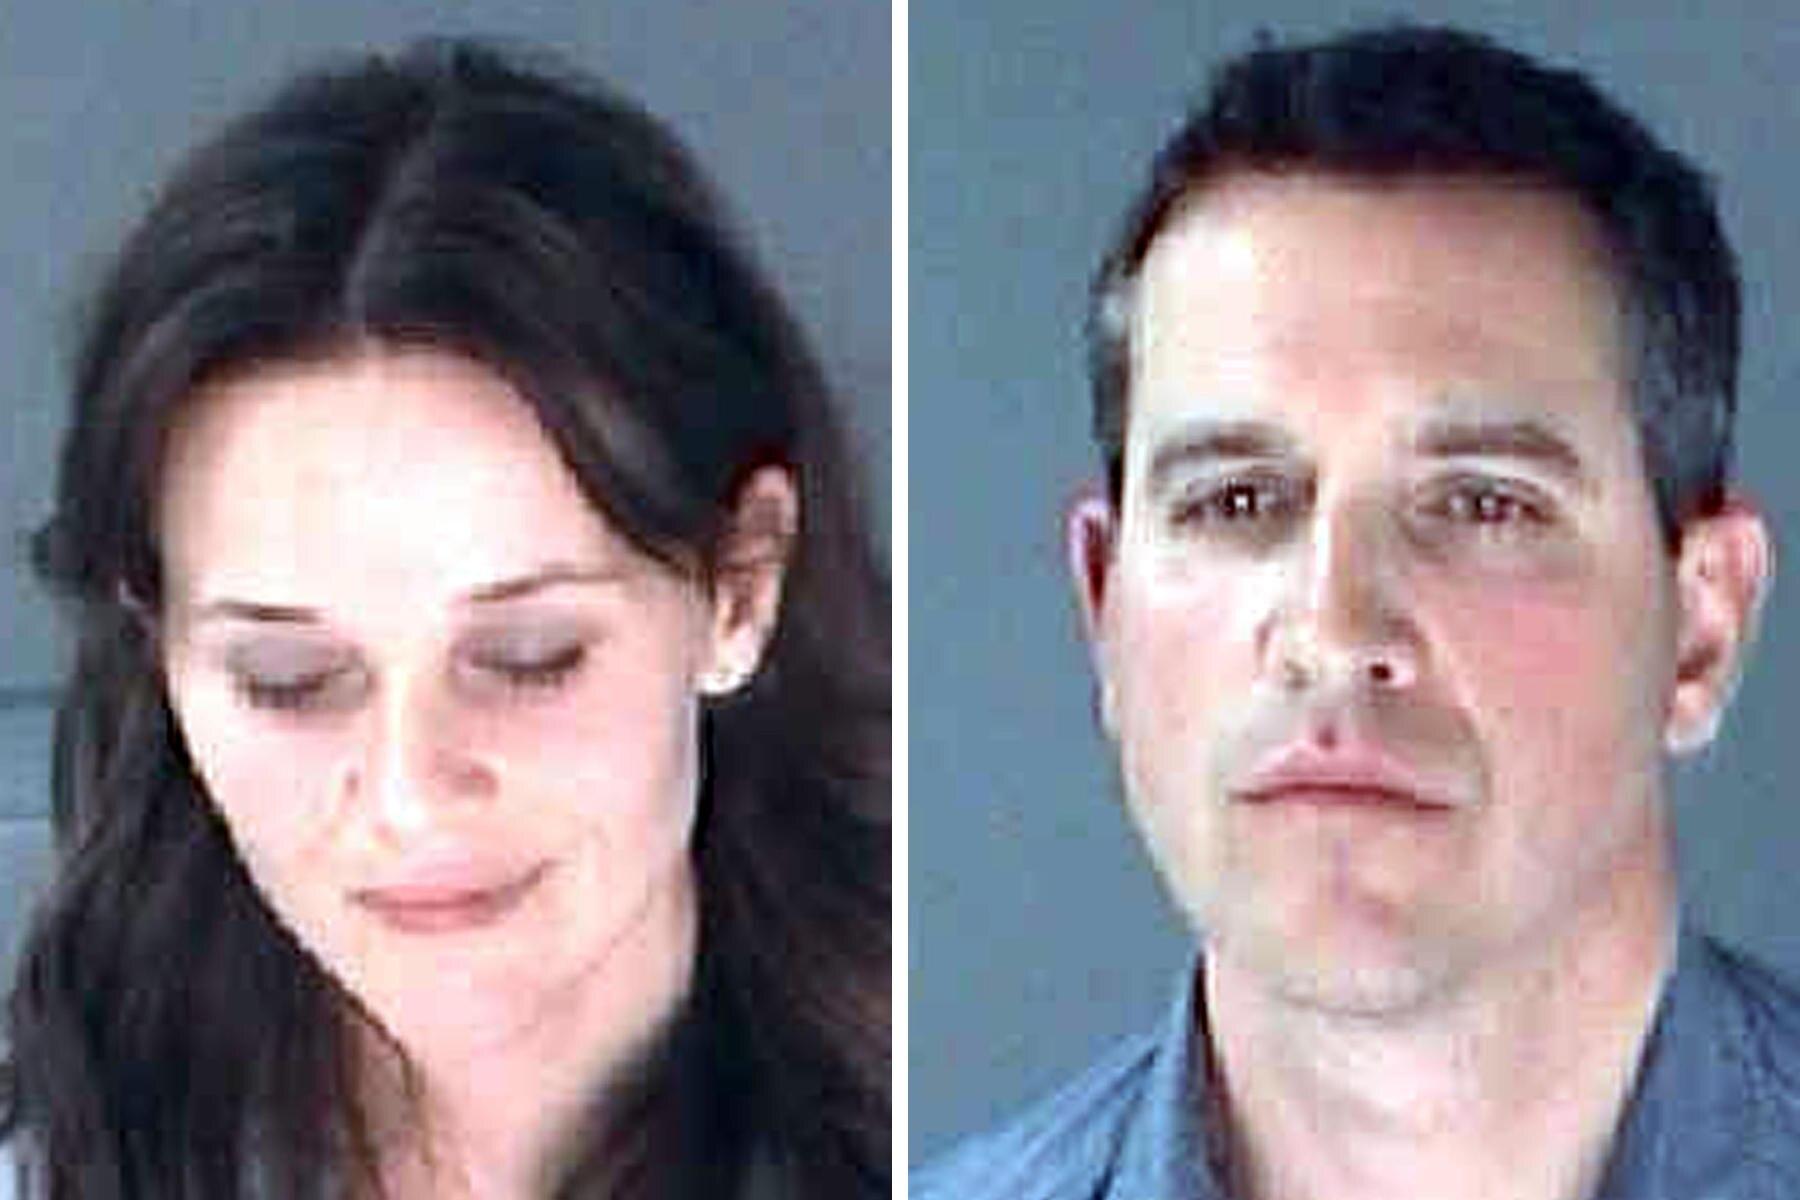 Reese Witherspoon und ihr Ehemann Jim Toth wurden in Atlanta kurzzeitig festgenommen.